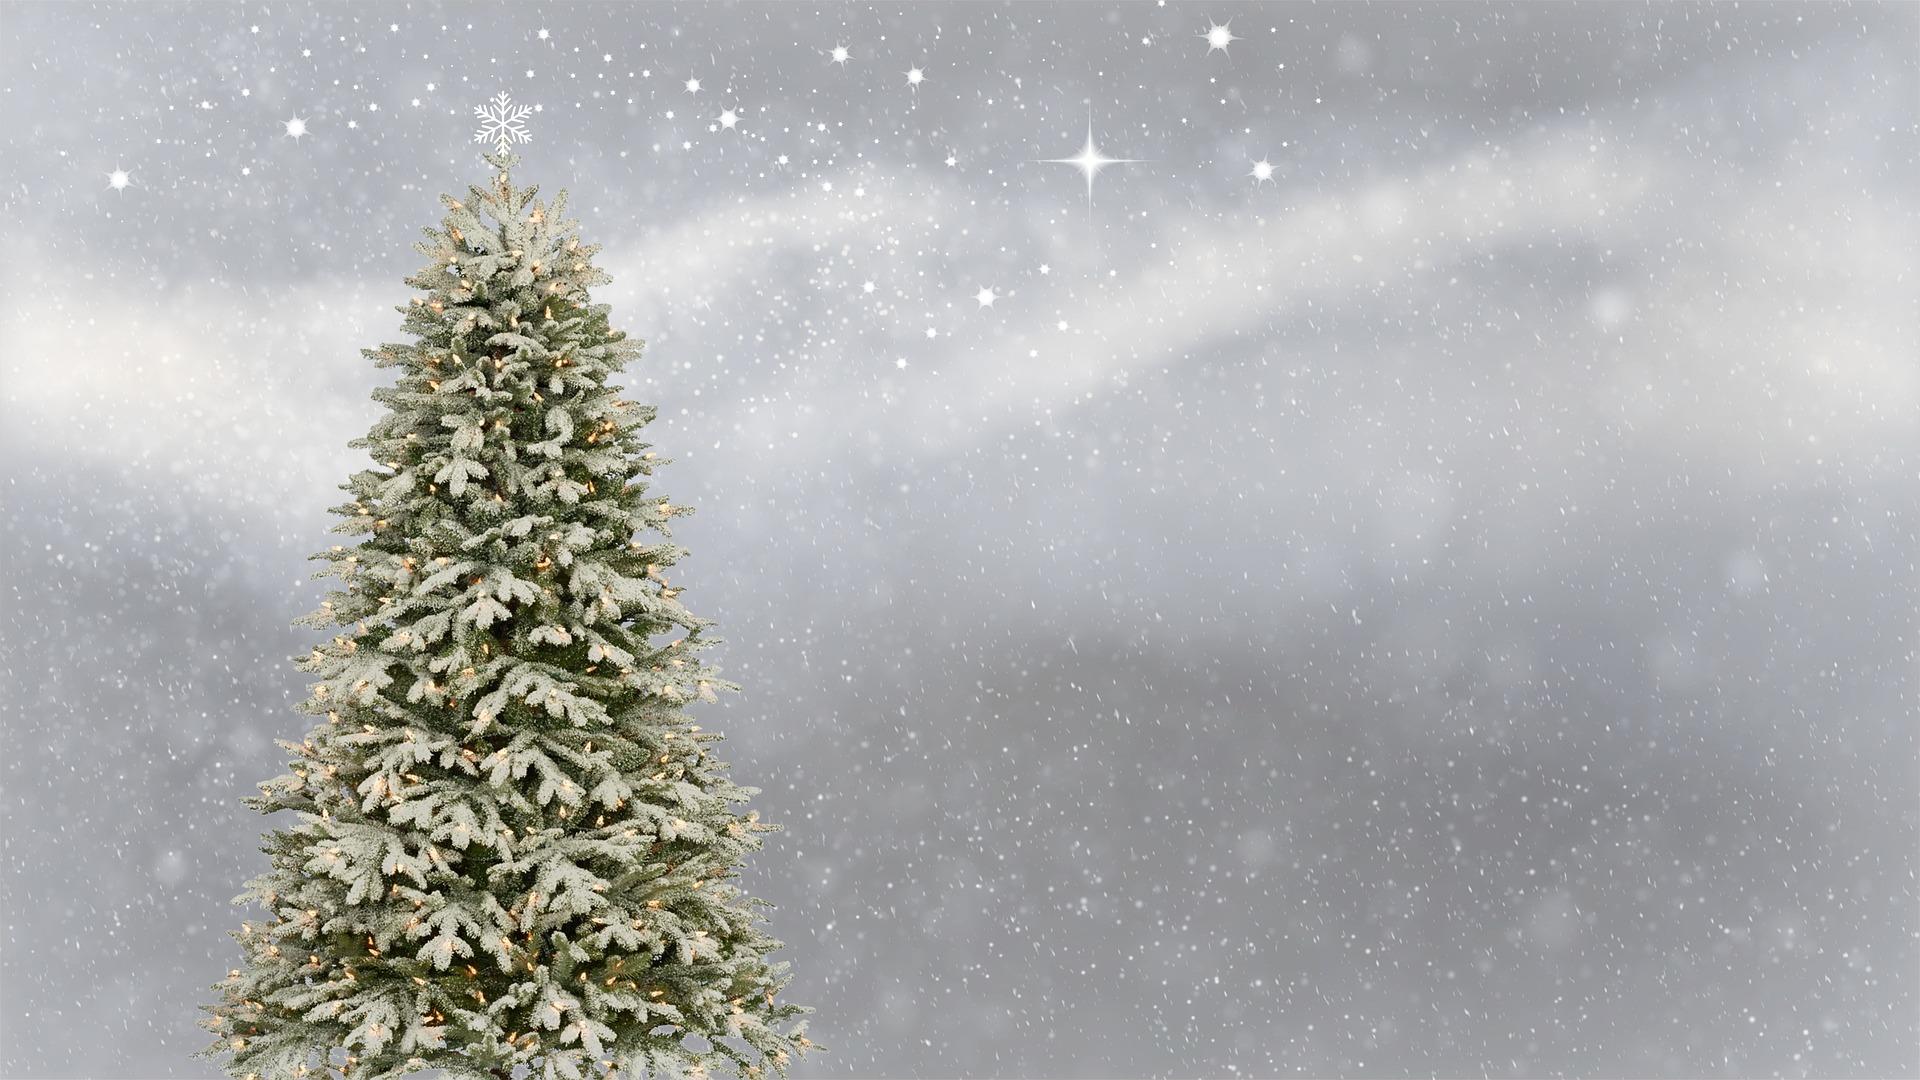 Weihnachtsbaum Der Guten Wünsche.Genuss Bis Zum Schluss Frohes Weihnachtsfest Und Alles Gute Für 2019